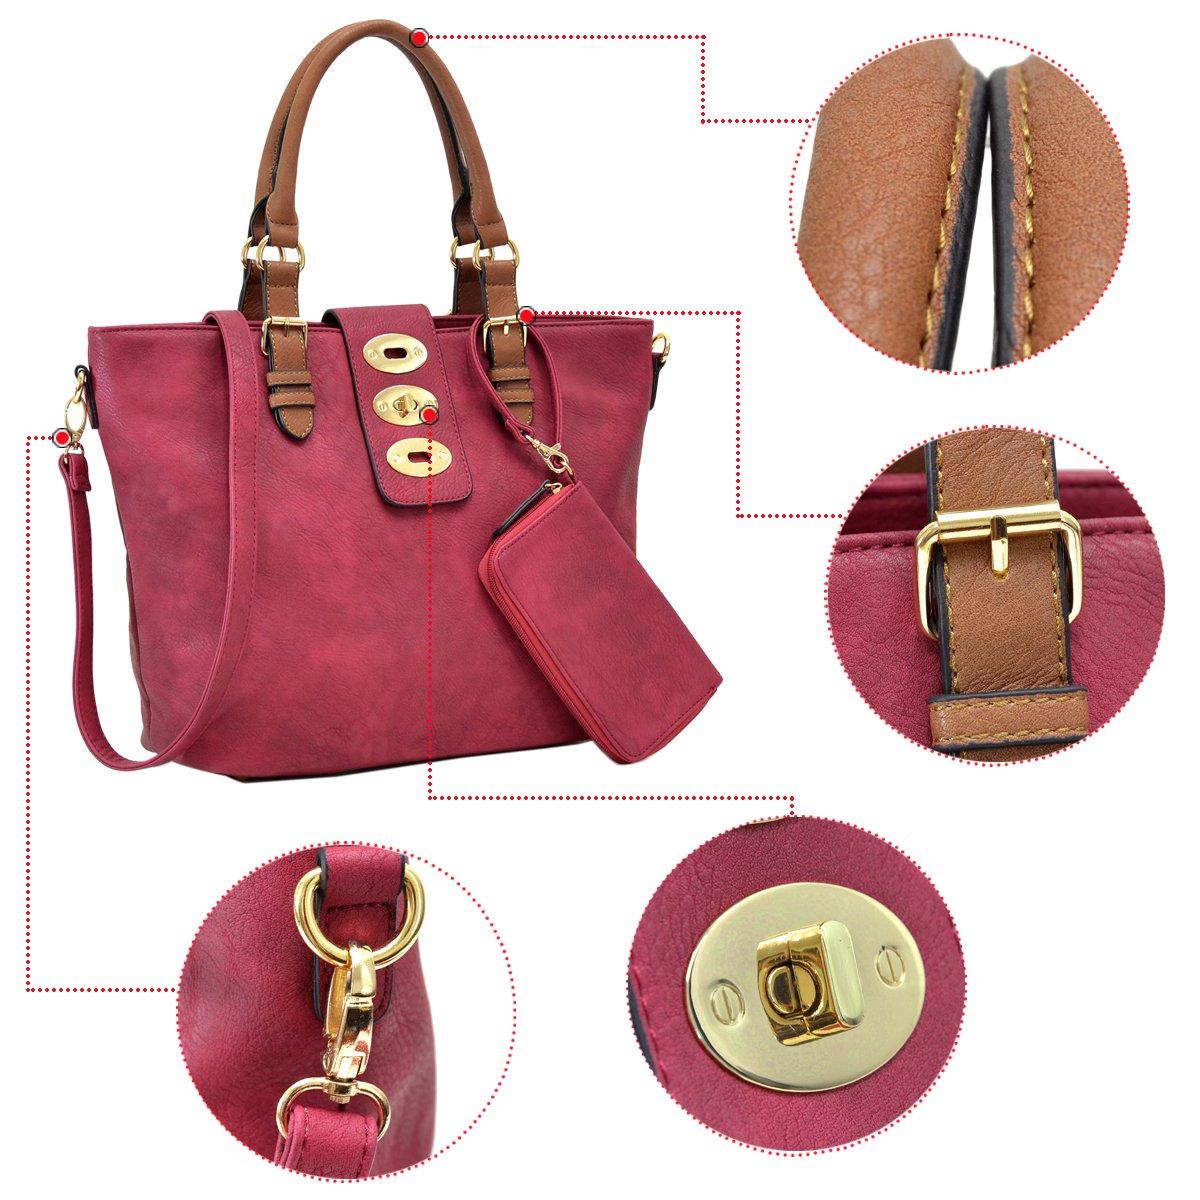 MMK collection Fashion handbag~Classic Tote bag~Holiday gift purse with Wallet~Beautiful Handbag wallet set~Crossbody handbag (MA-07-6717-BK/CF) by Marco M. Kelly (Image #5)